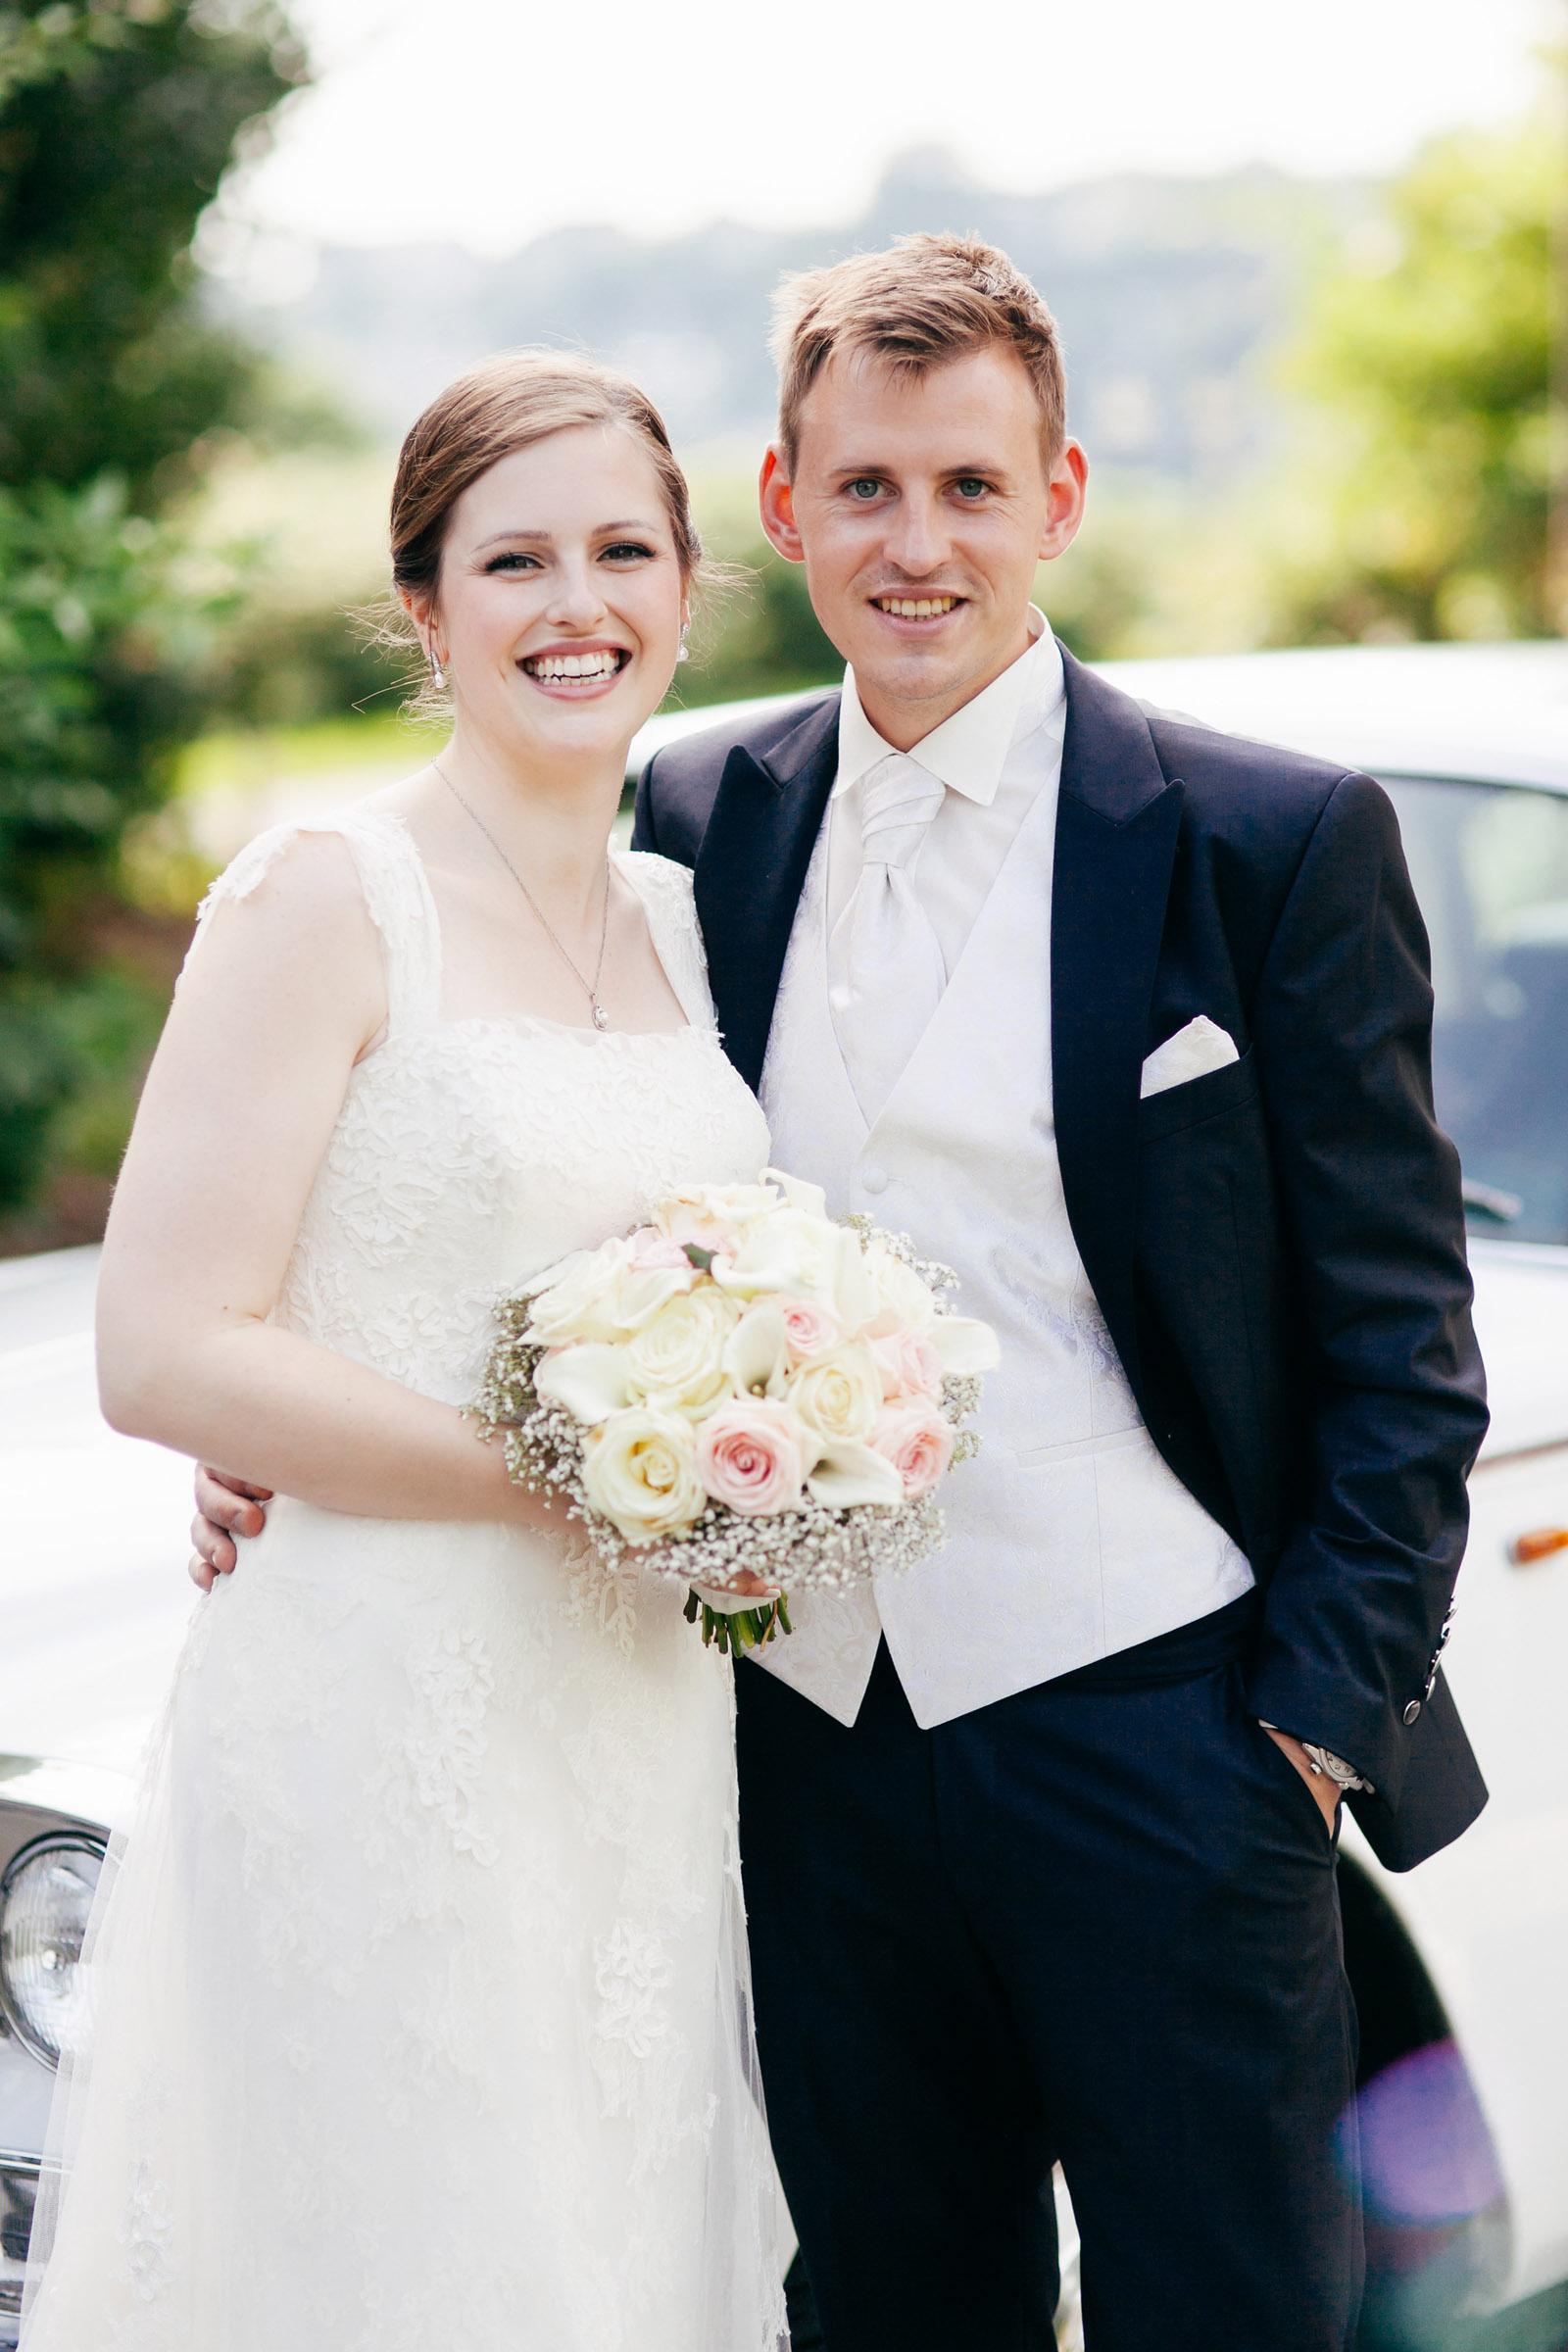 Hochzeit_292.jpg